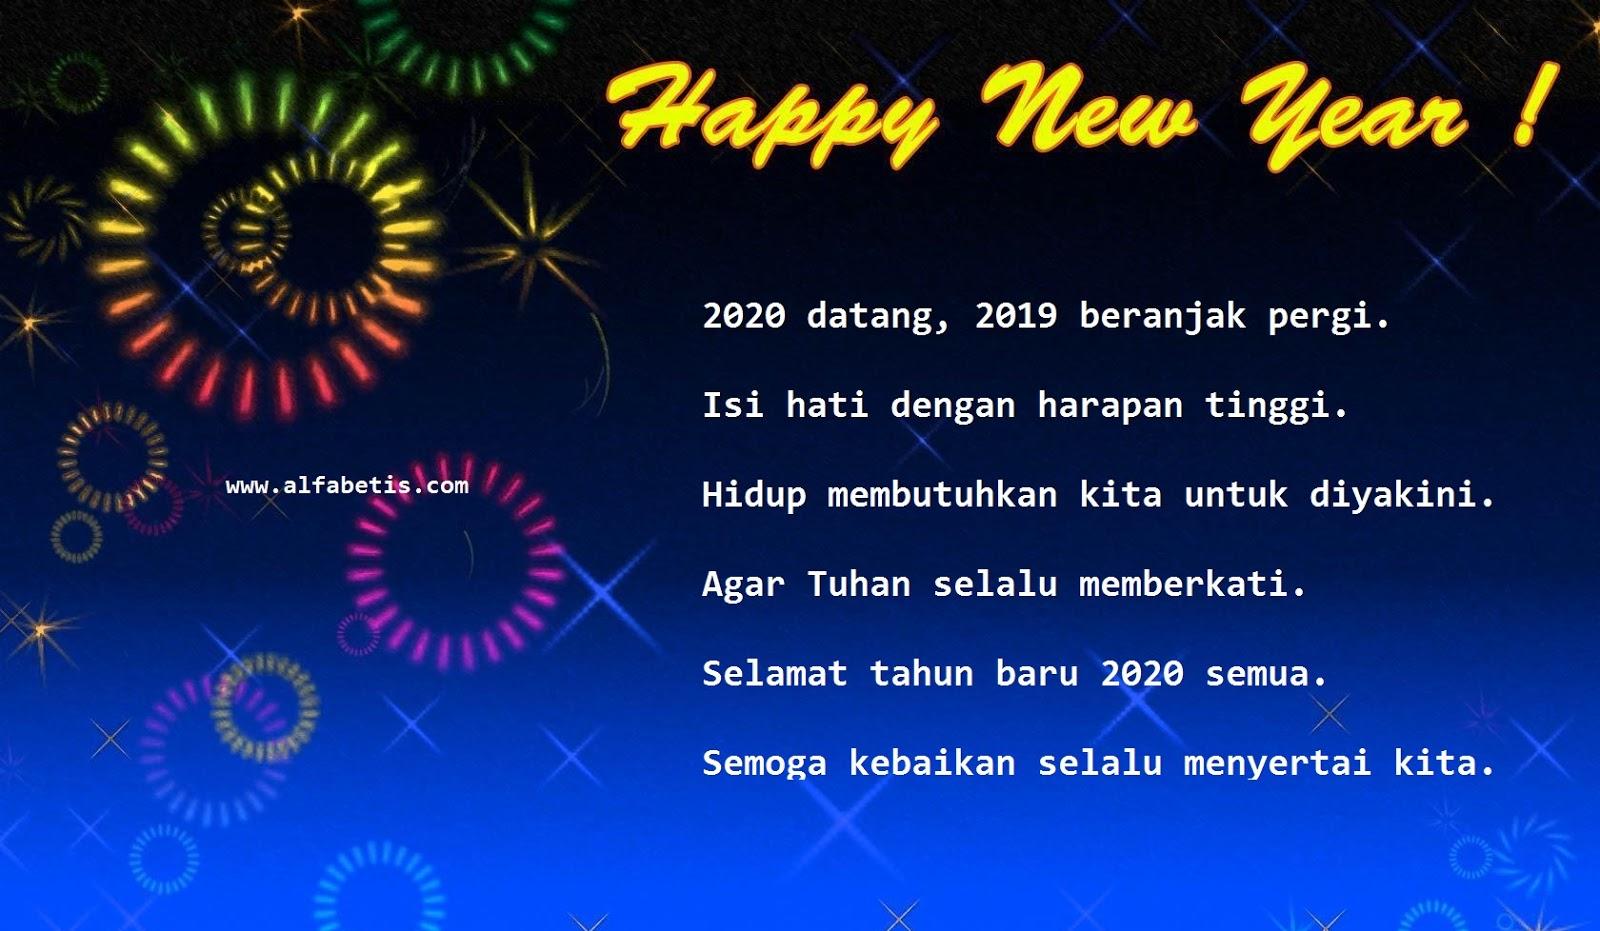 Kartu Ucapan Tahun Baru Paling Menarik